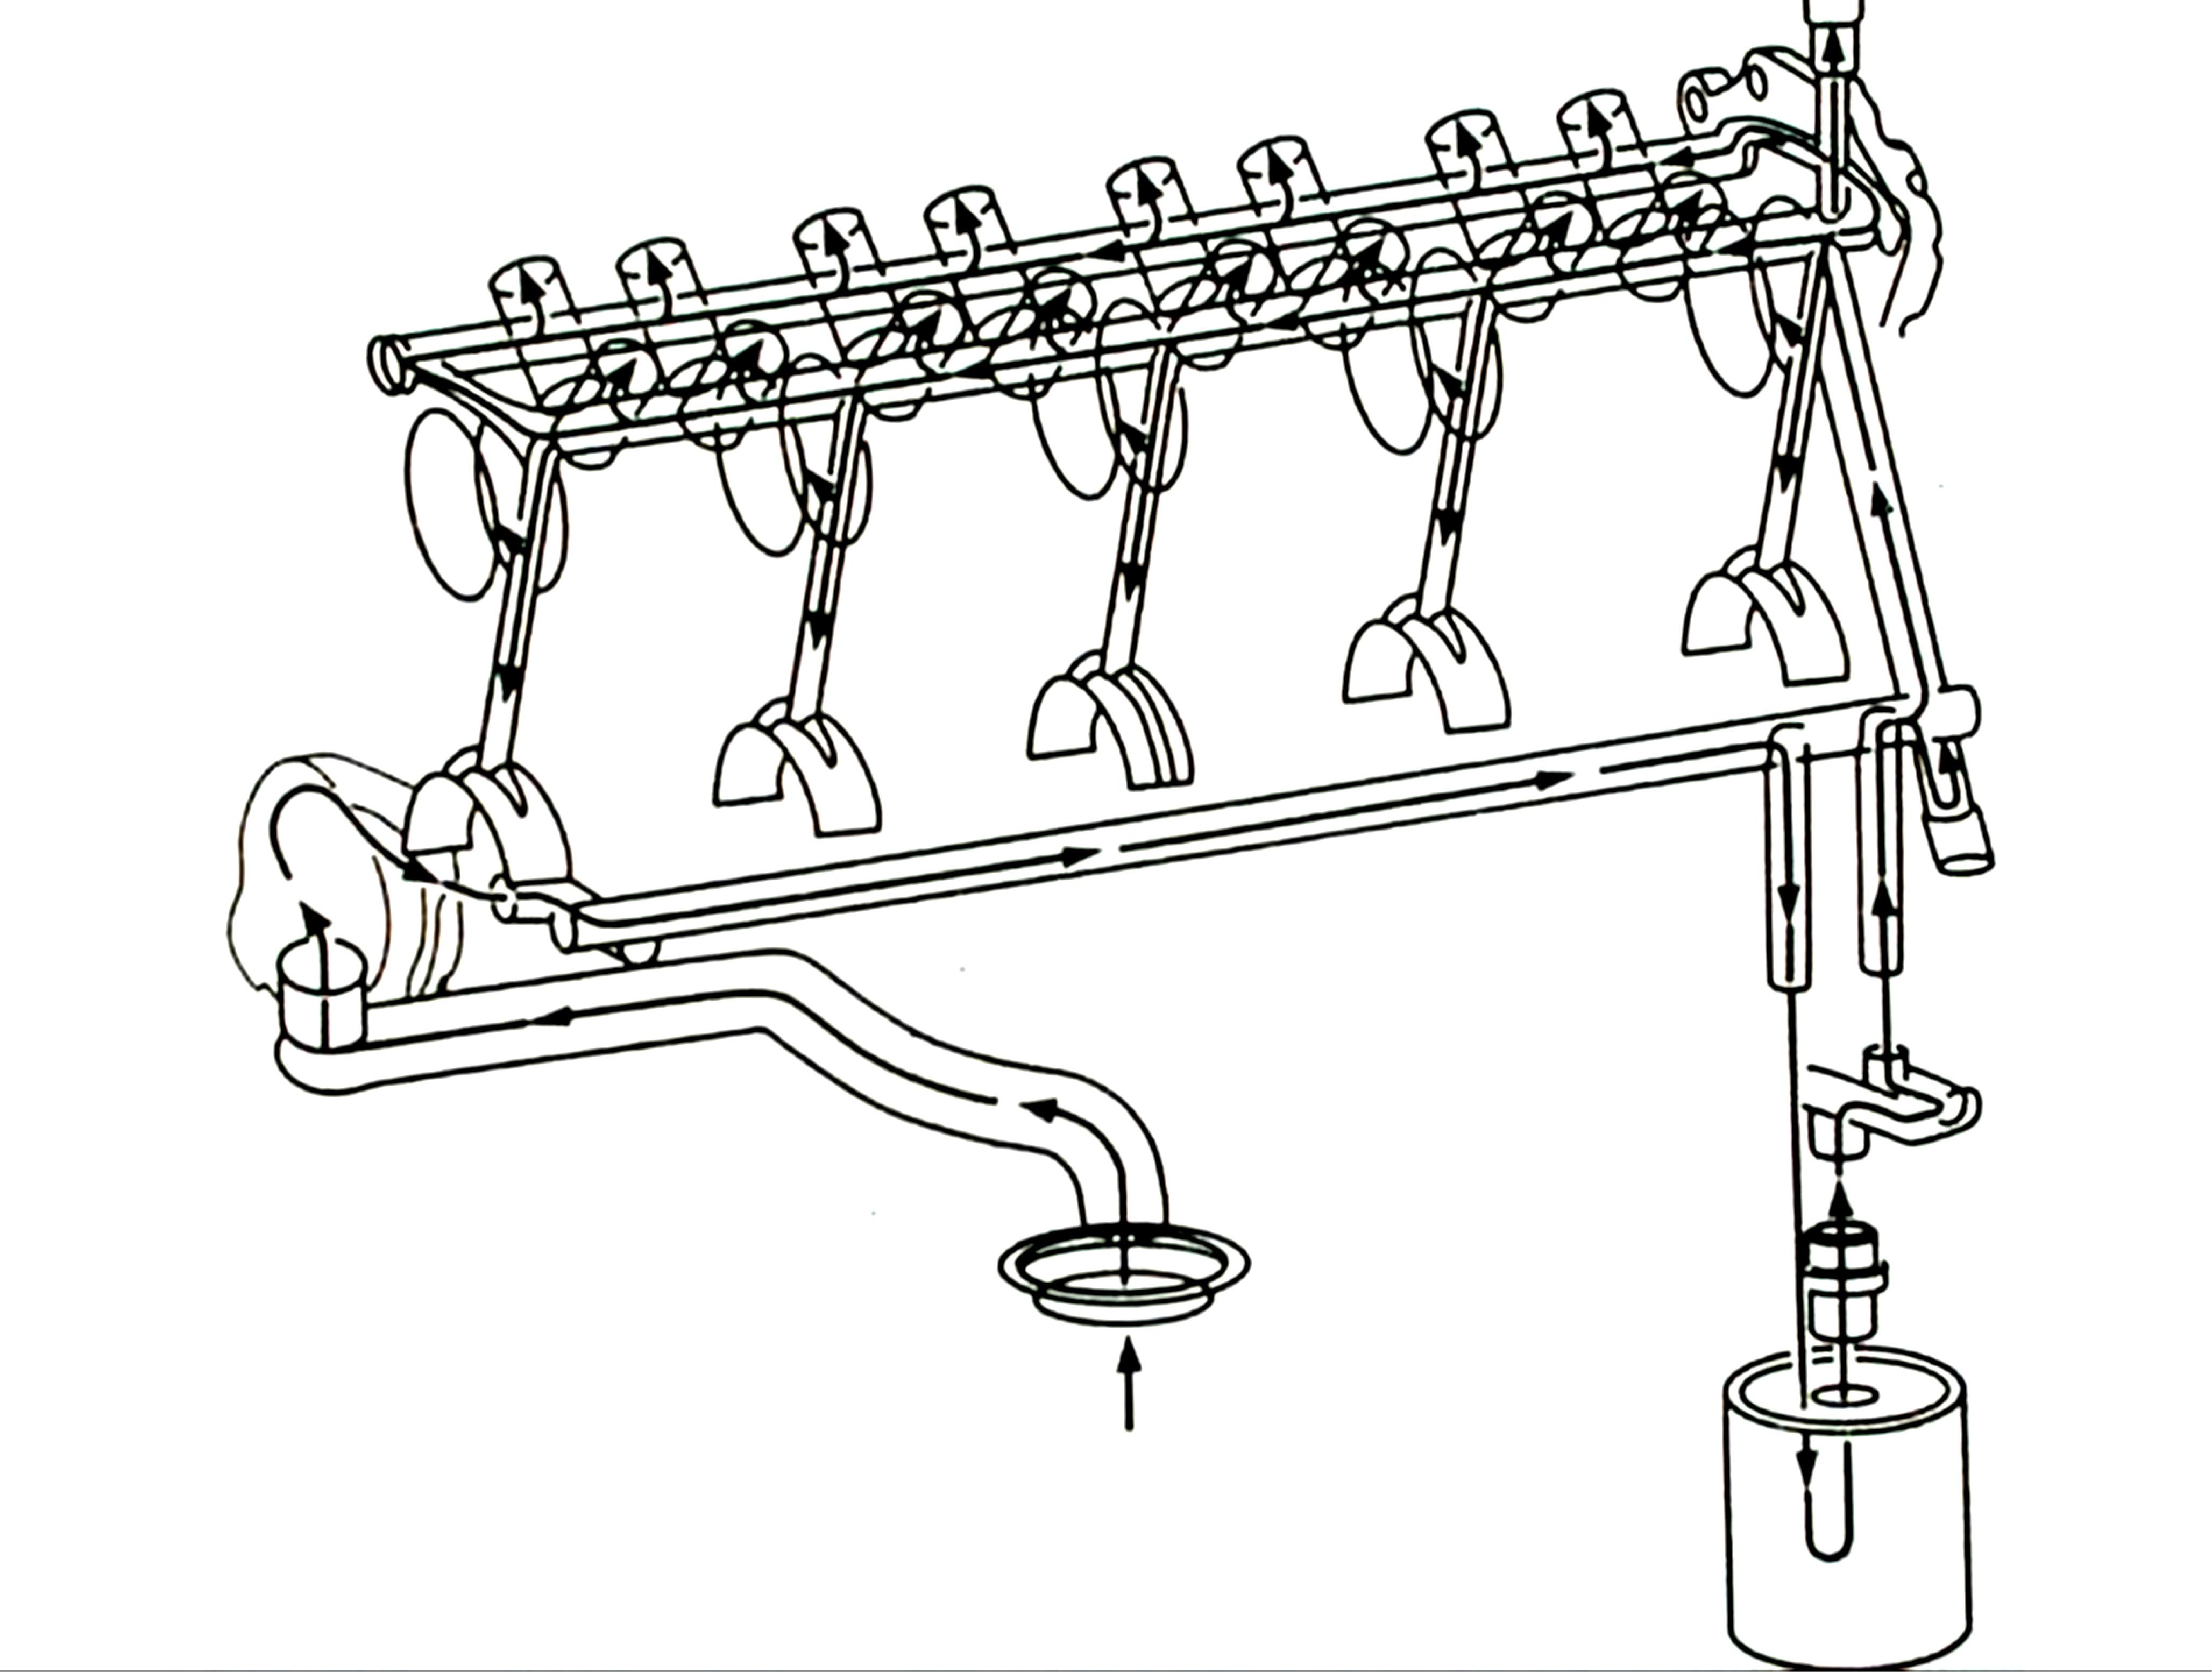 99 Ls1 Engine Block Diagram Circuit Diagram Symbols \u2022 2000 Saturn  Engine Bay 2000 Saturn Ls1 Engine Diagram Water